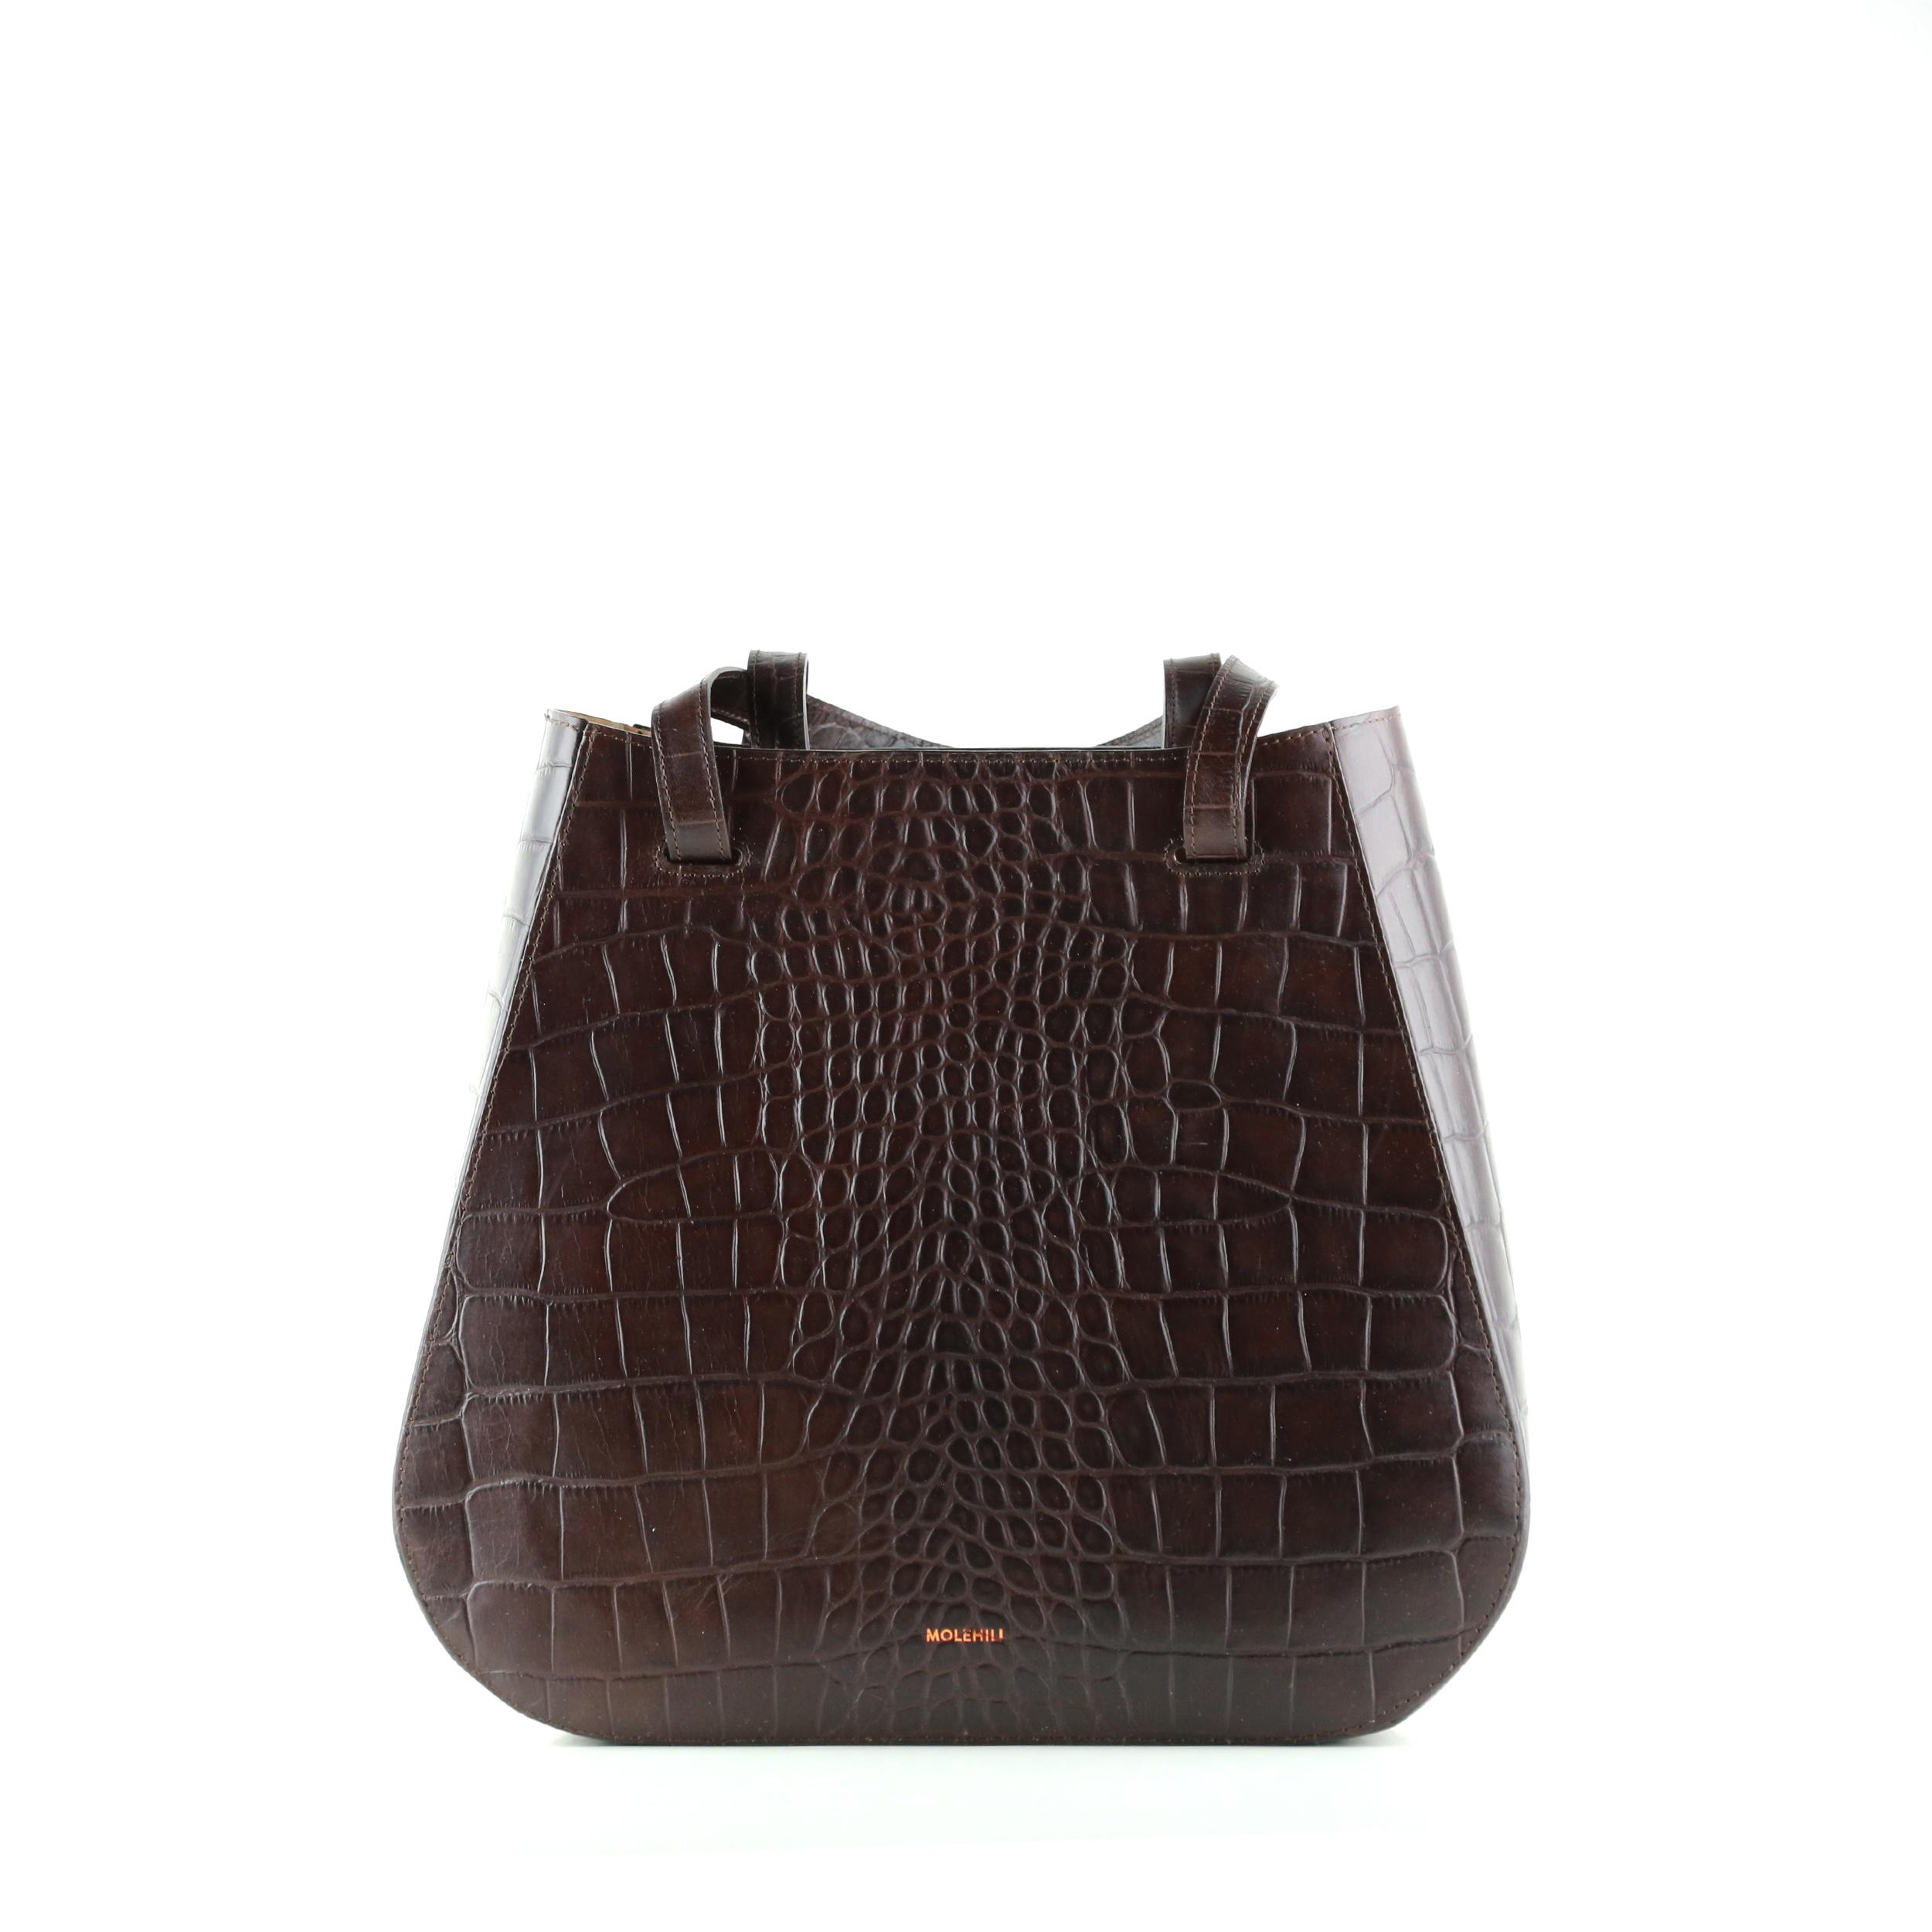 Torba-LESA-Medium-Handbag-Croco-Brown-SpecialEdit-1